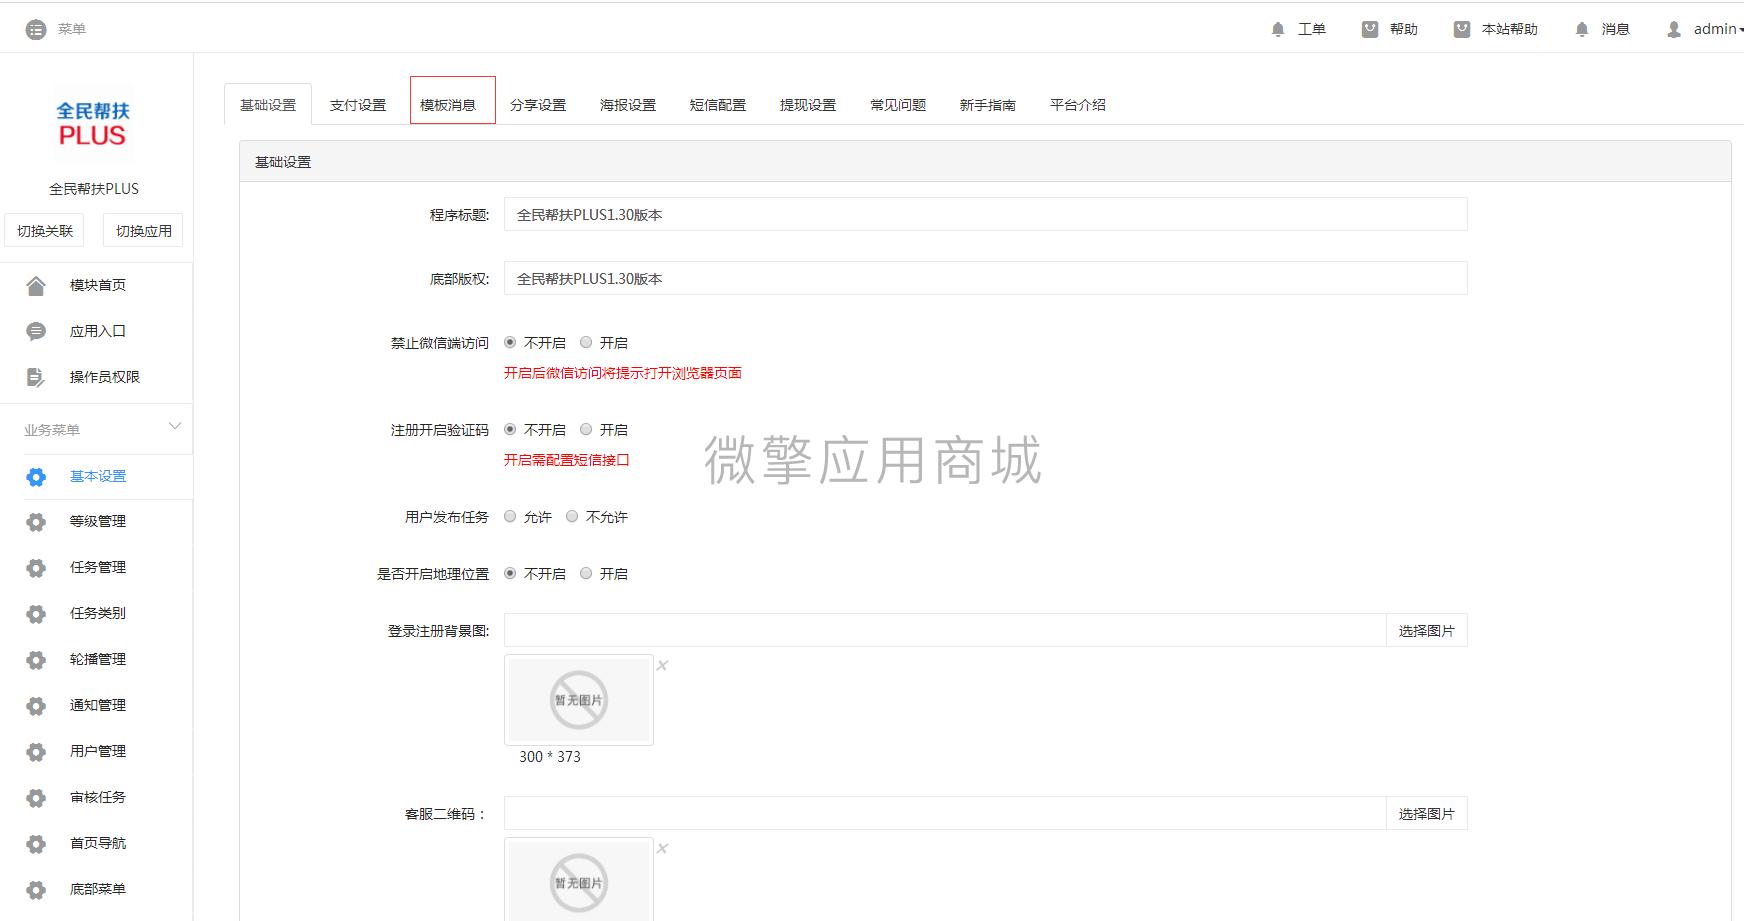 wq模块全民帮扶PLUS 2.5.5无限多开版-渔枫源码分享网